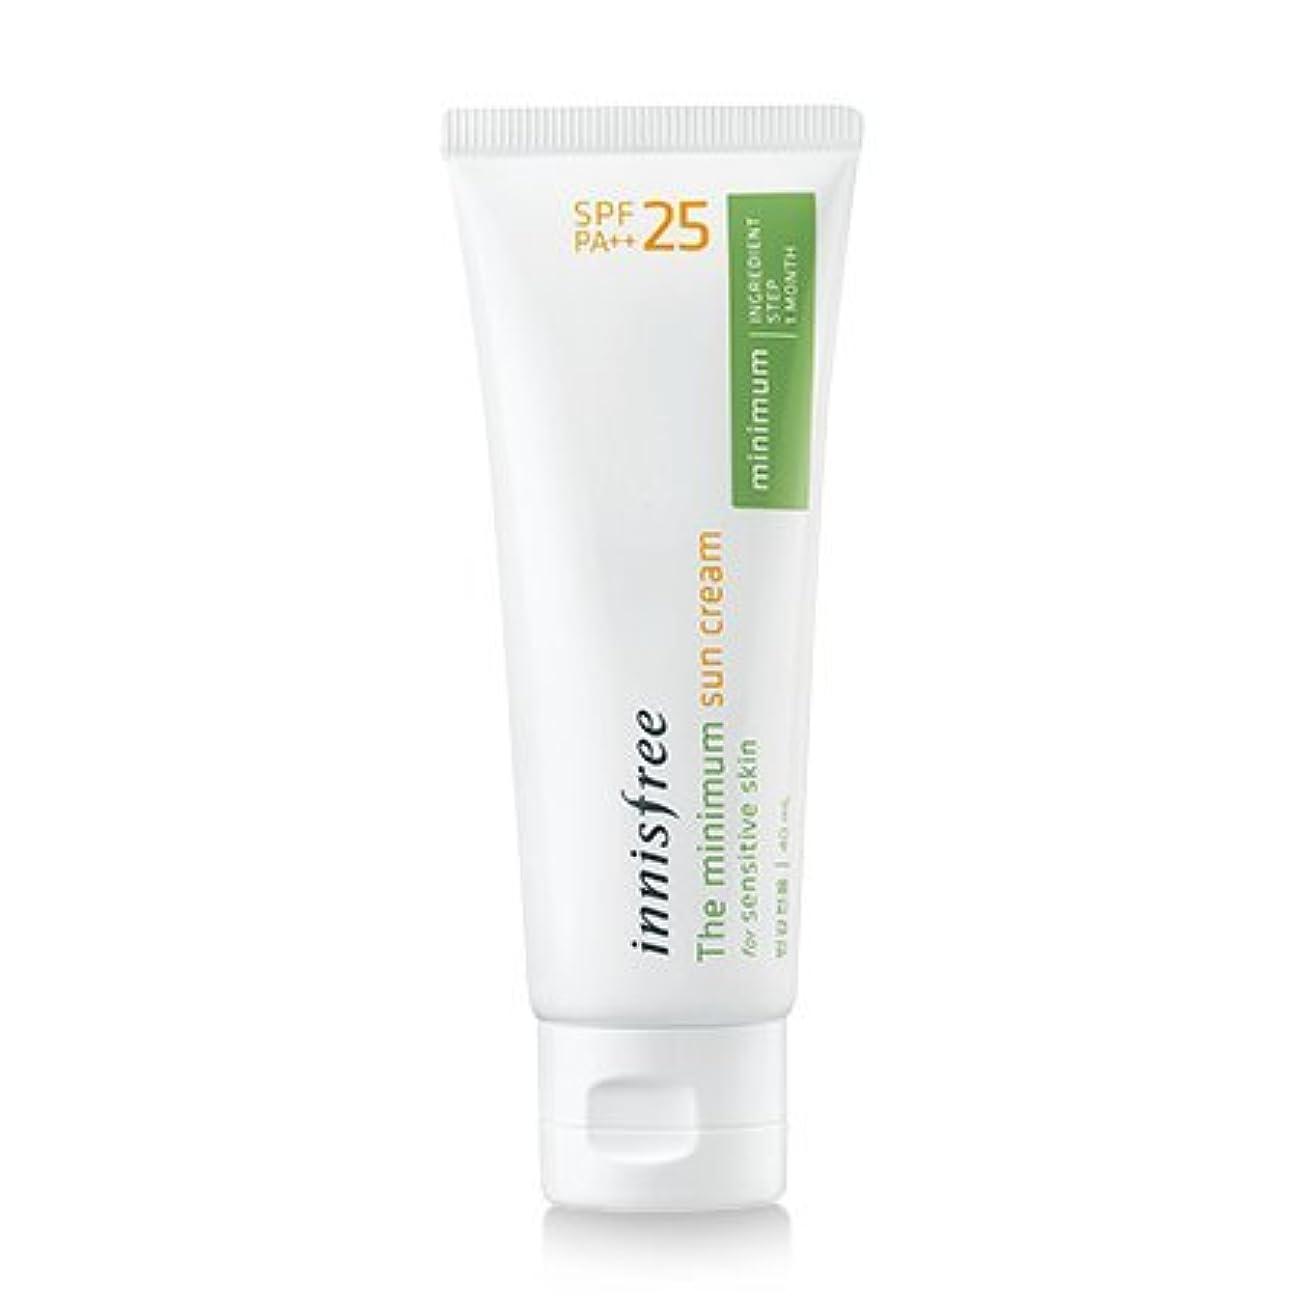 不愉快に苦しむカリキュラム[innisfree(イニスフリー)] The minimum sun cream SPF25 PA++ 40ml ザ·ミニマム サンクリーム SPF25PA++[並行輸入品][海外直送品]